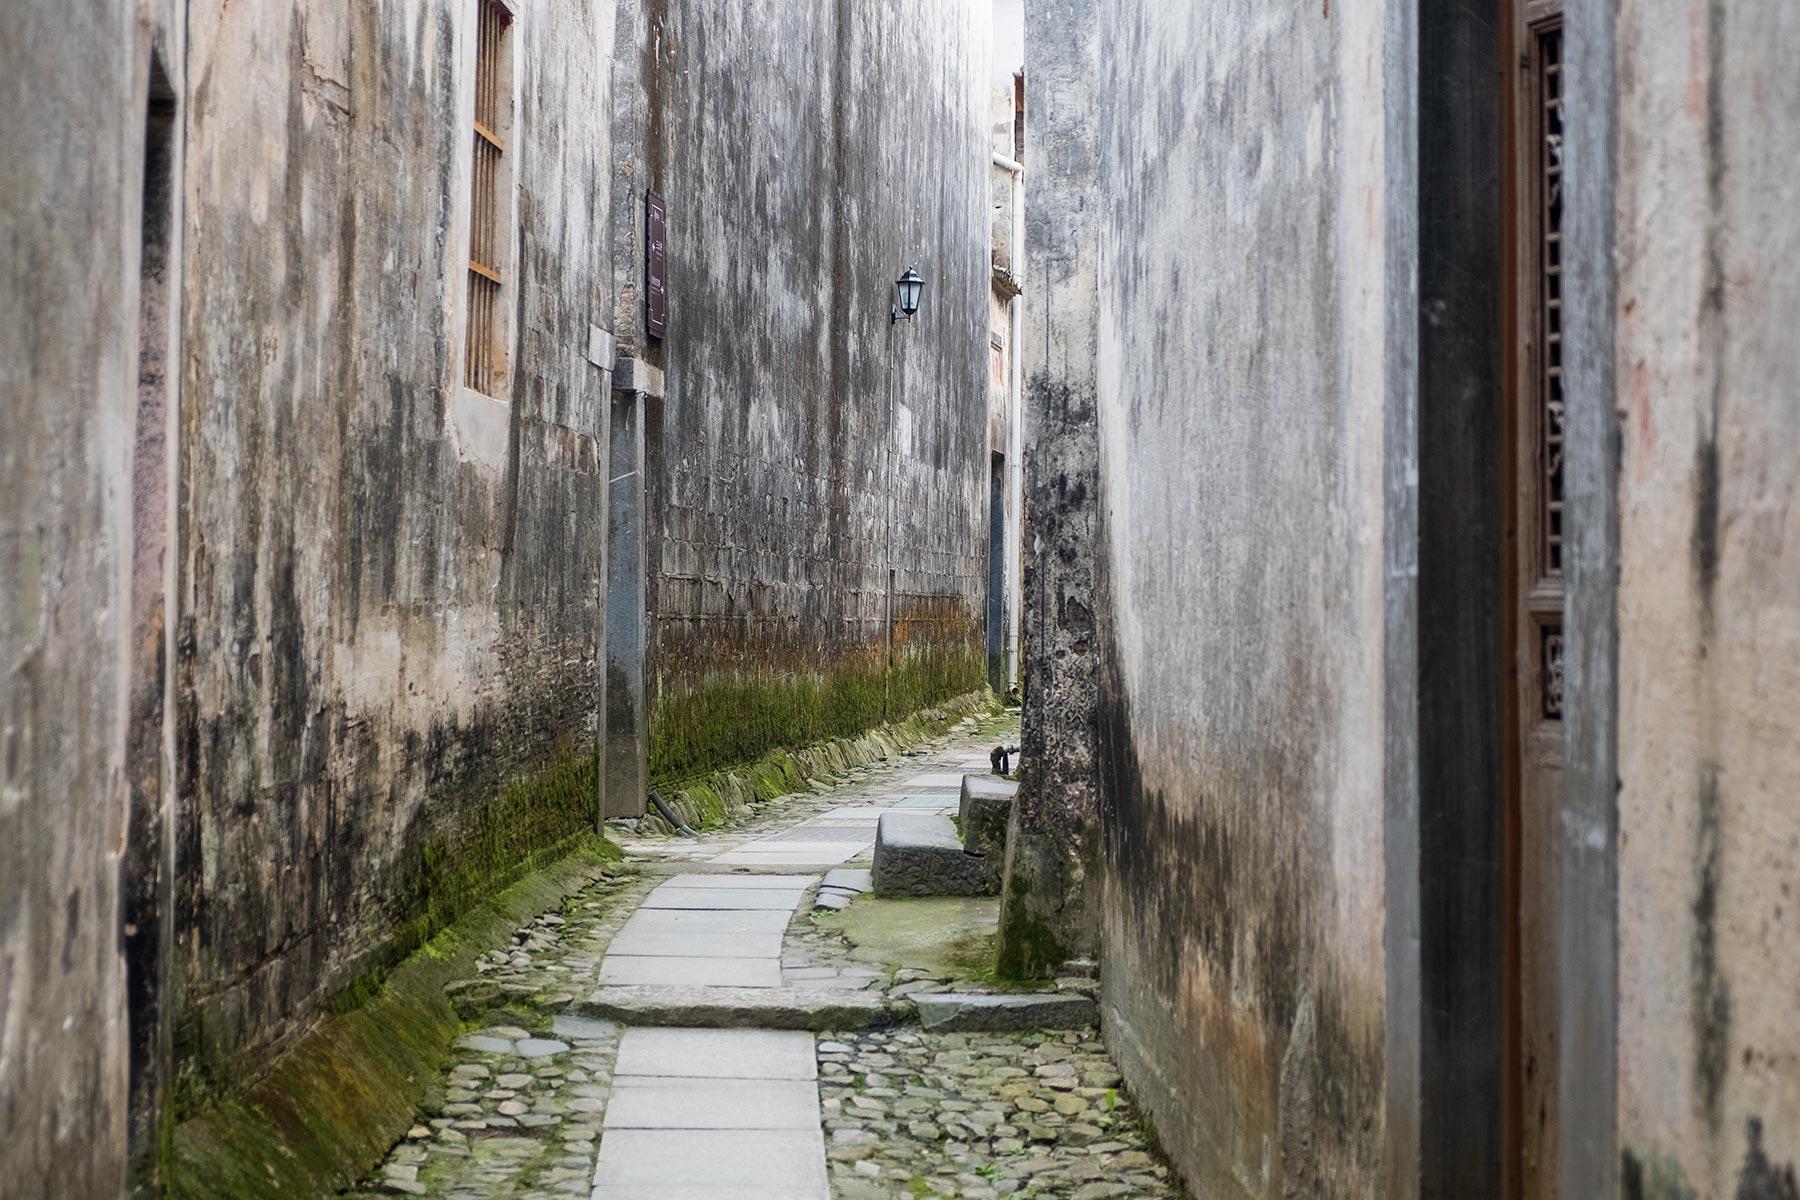 Enge Gasse in der historischen Altstadt Nanping in Anhui, China